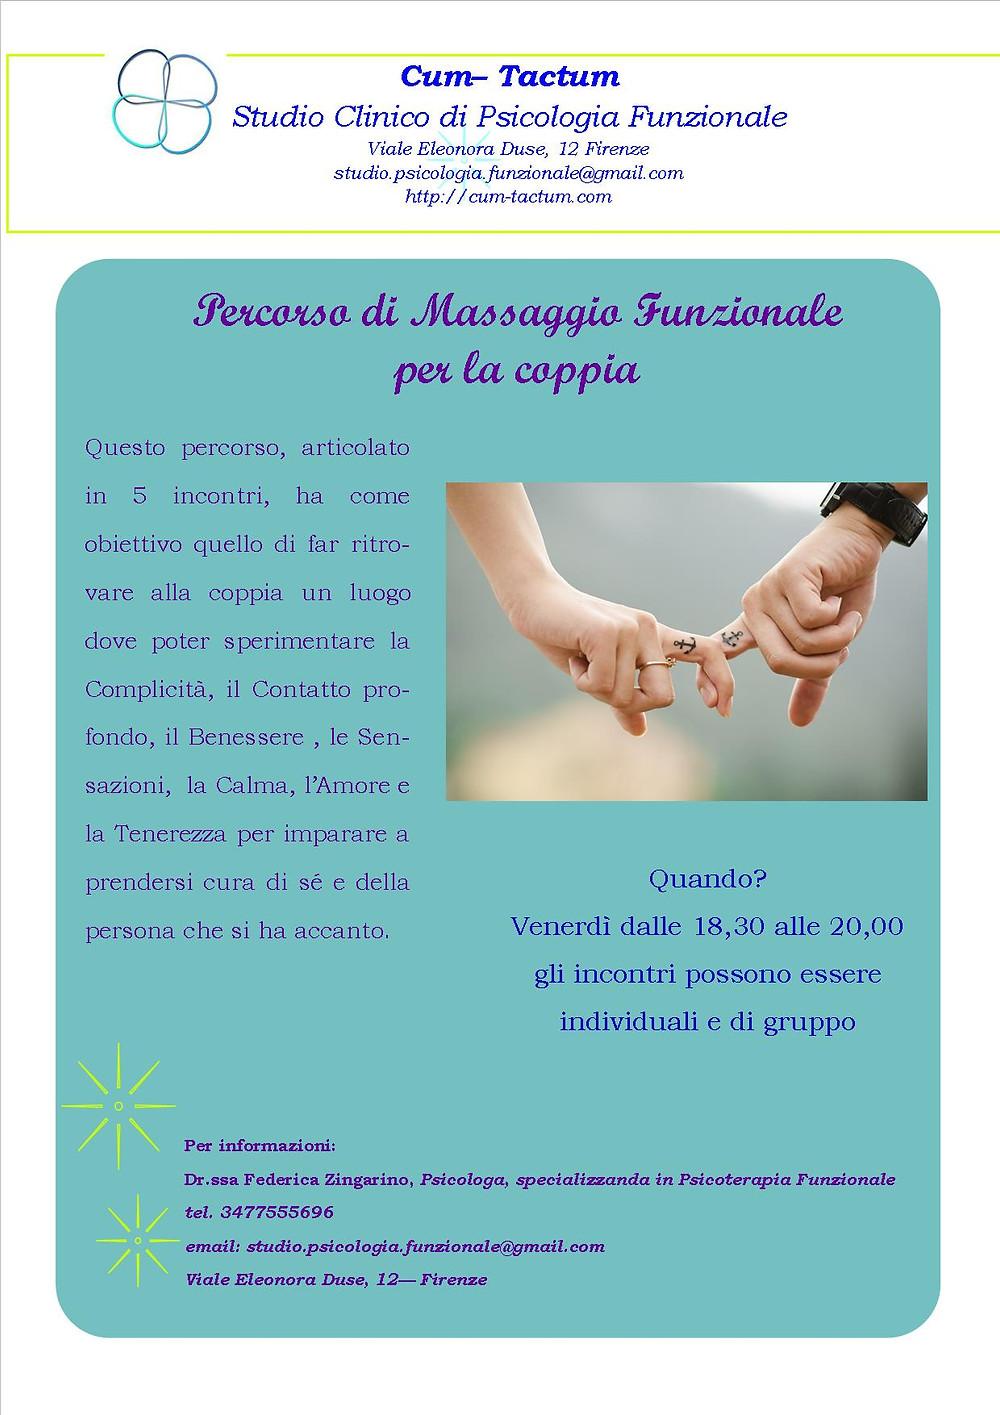 Massaggio Funzionale Coppia Psicologia Funzionale Firenze Psicologo Zingarino